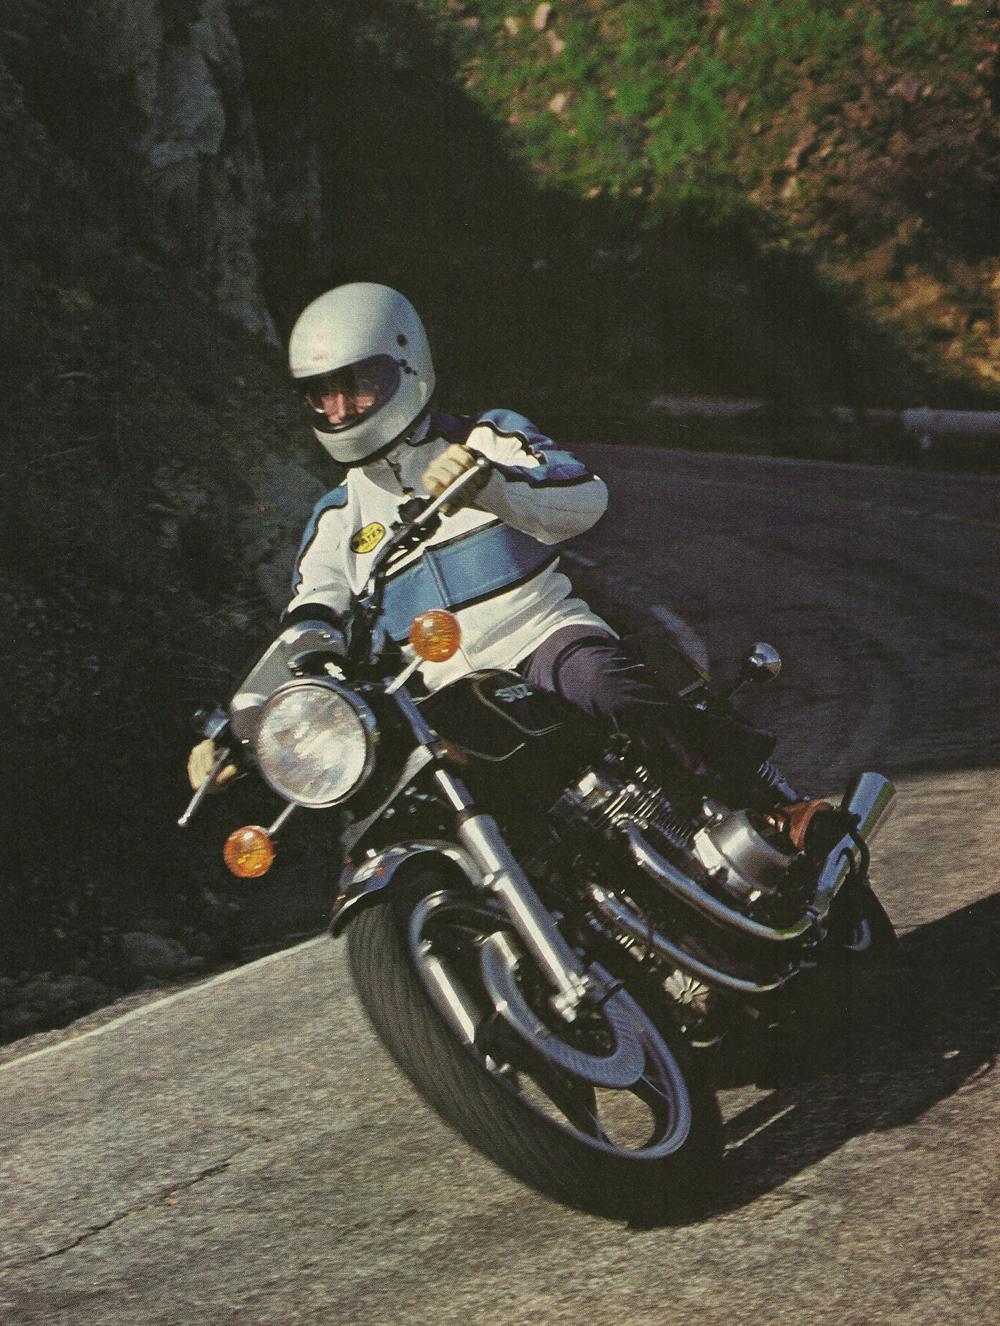 1979 Suzuki GS550EN road test 4.jpg